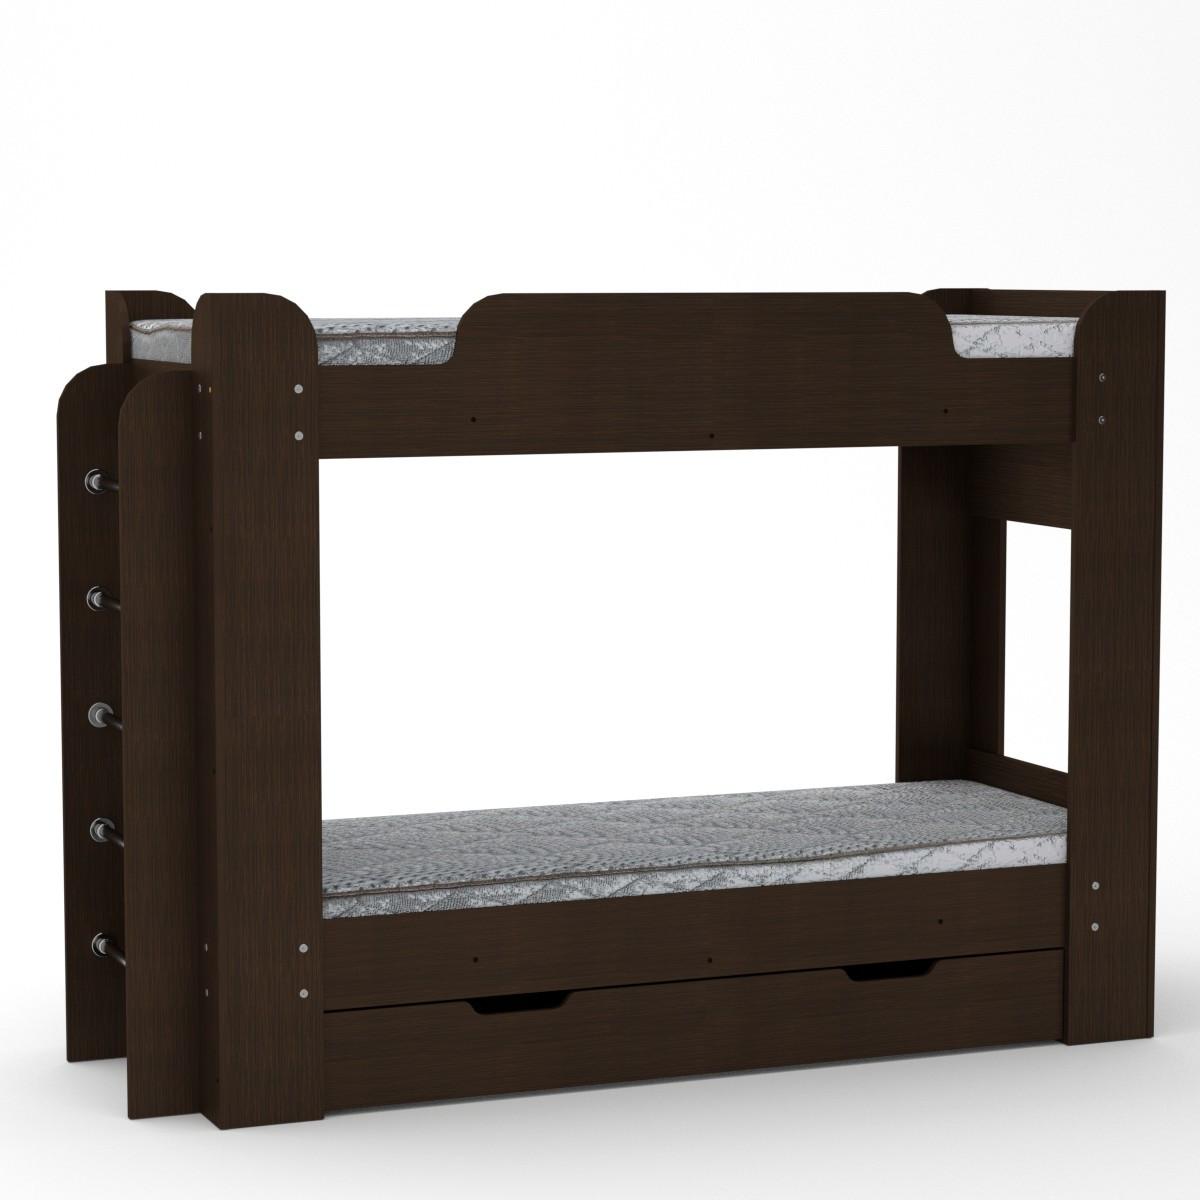 Кровать с матрасами двухъярусная Твикс венге темный Компанит